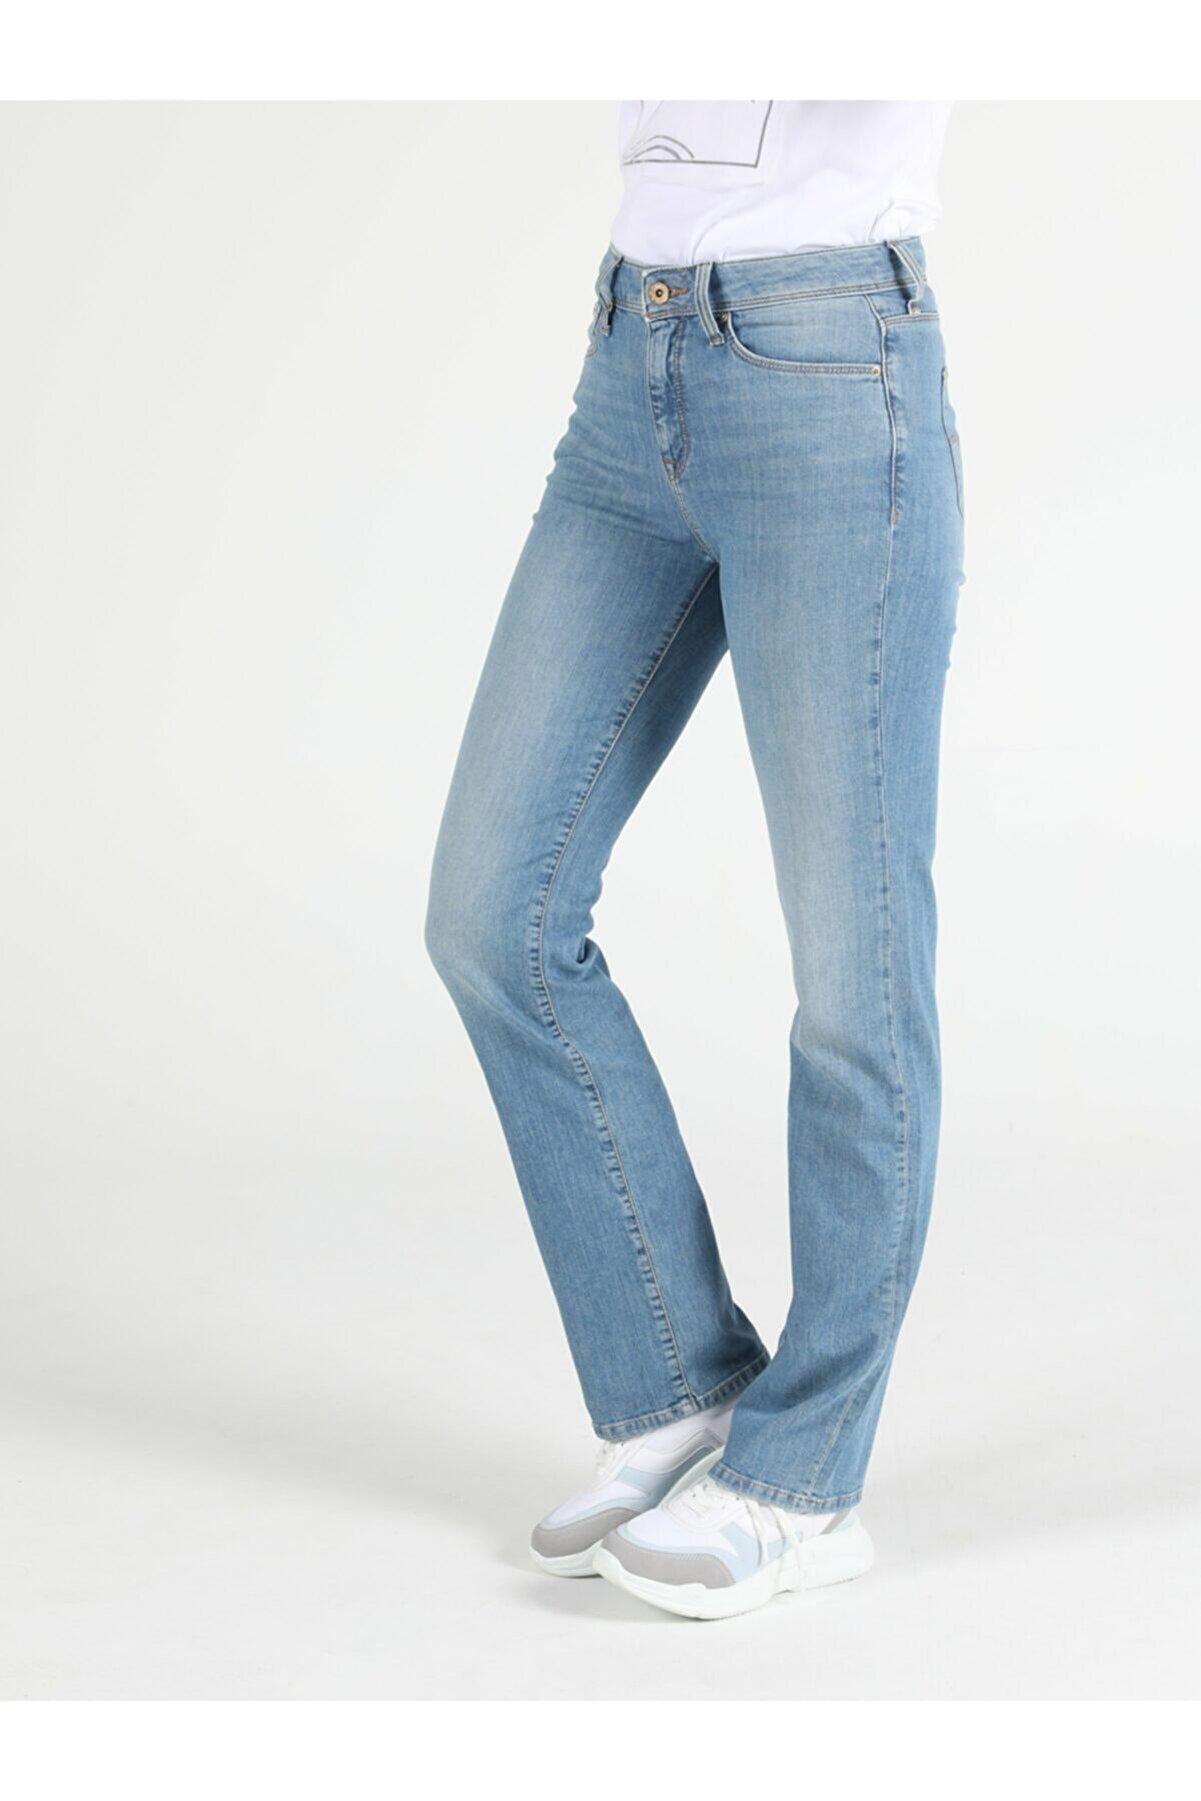 Colin's KADIN 792 Mıla Orta Bel Düz Paça Regular Fit Jean Kadın Jean Pantolon CL1050259